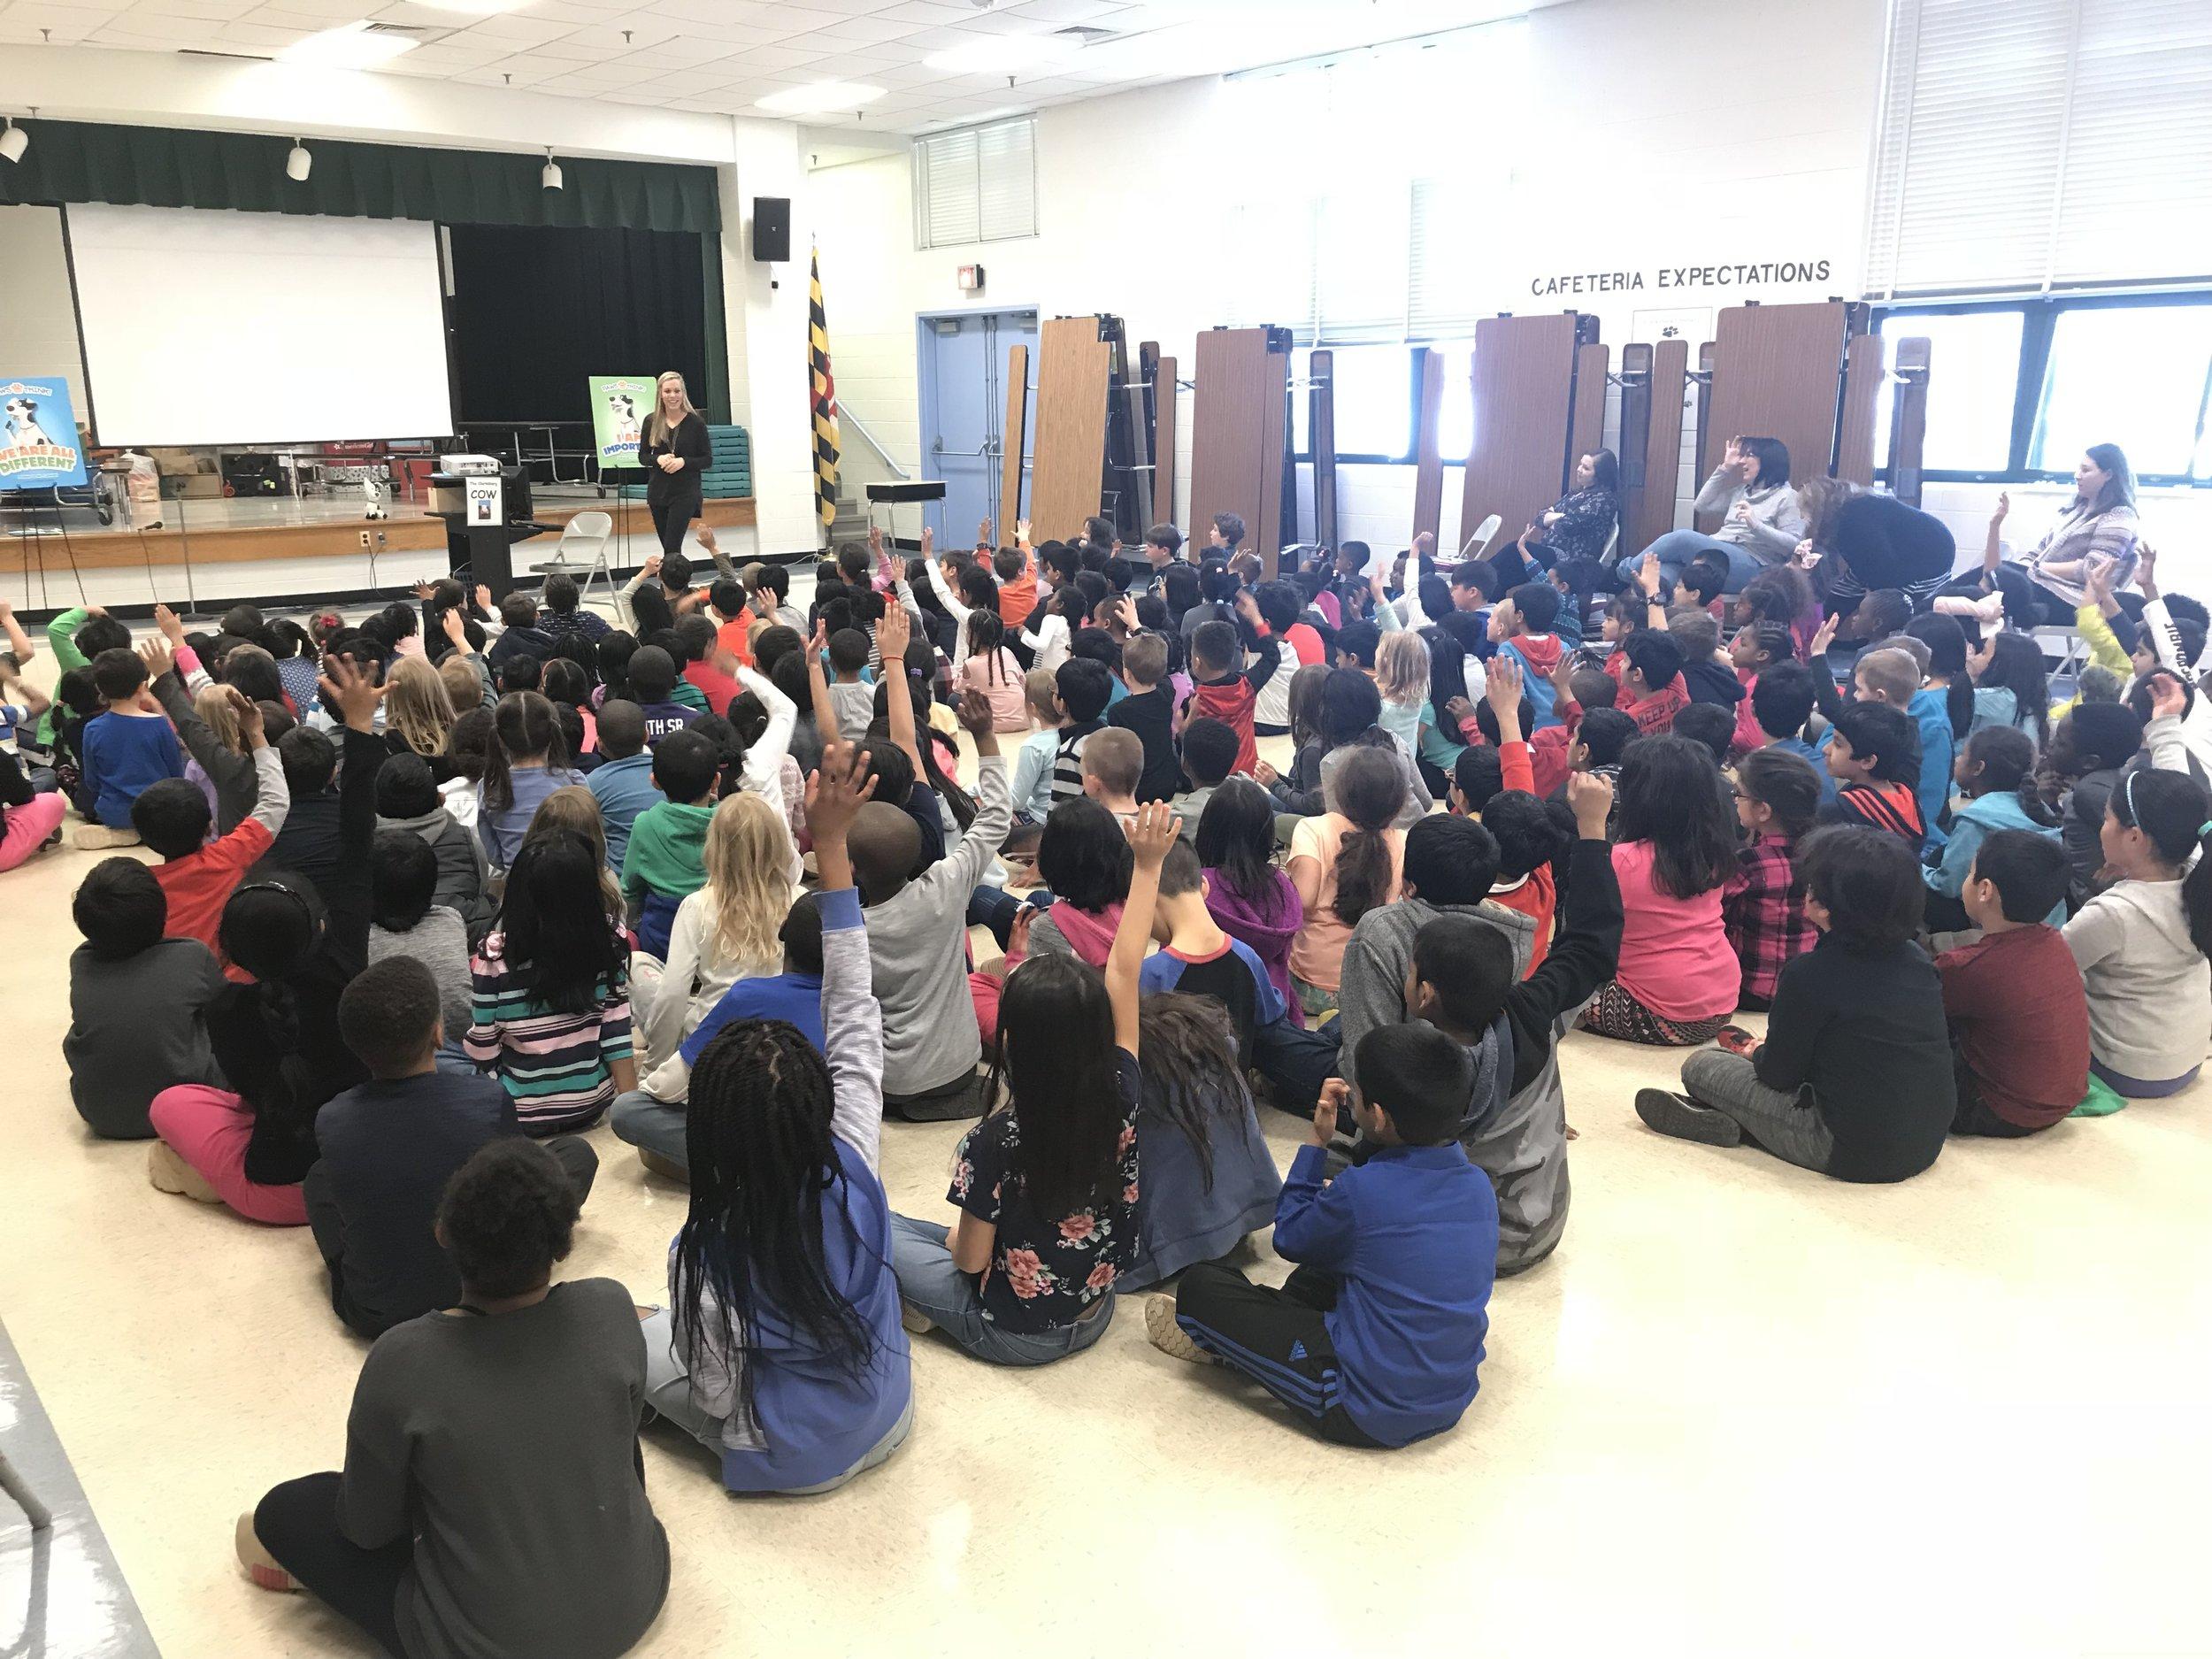 Clarksburg Elementary School